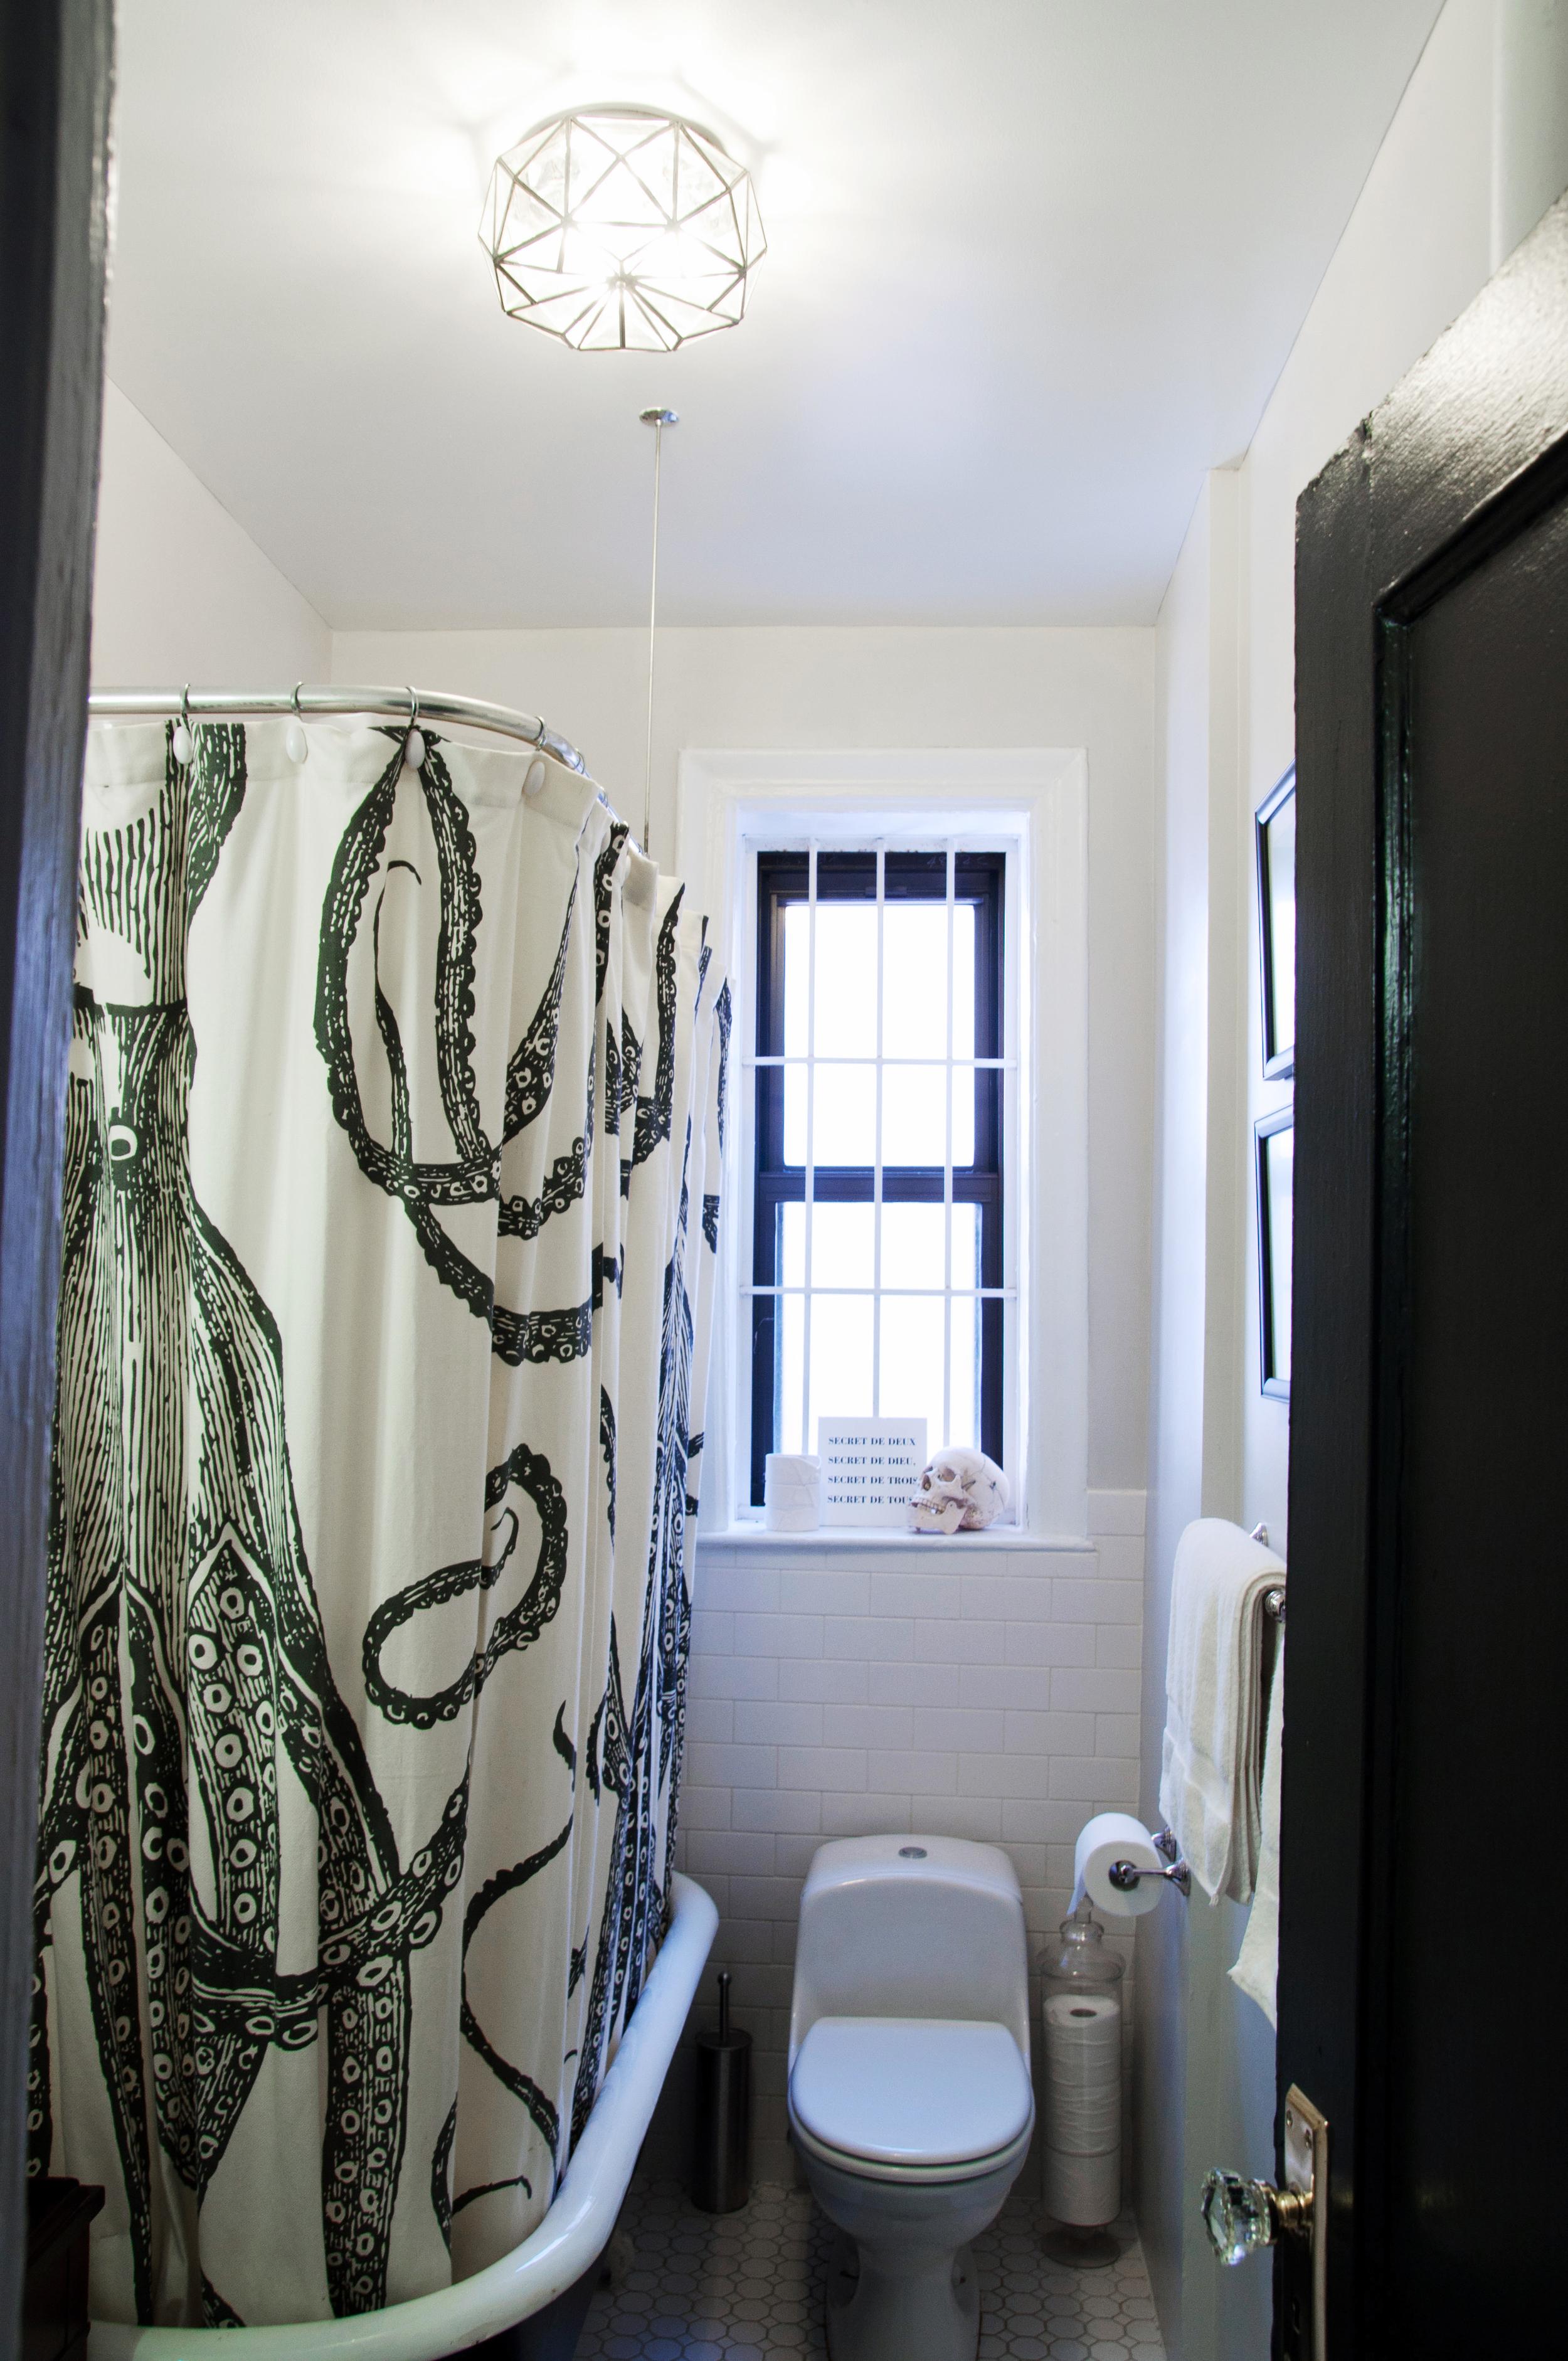 Bathroom0325_3FFWU.jpg